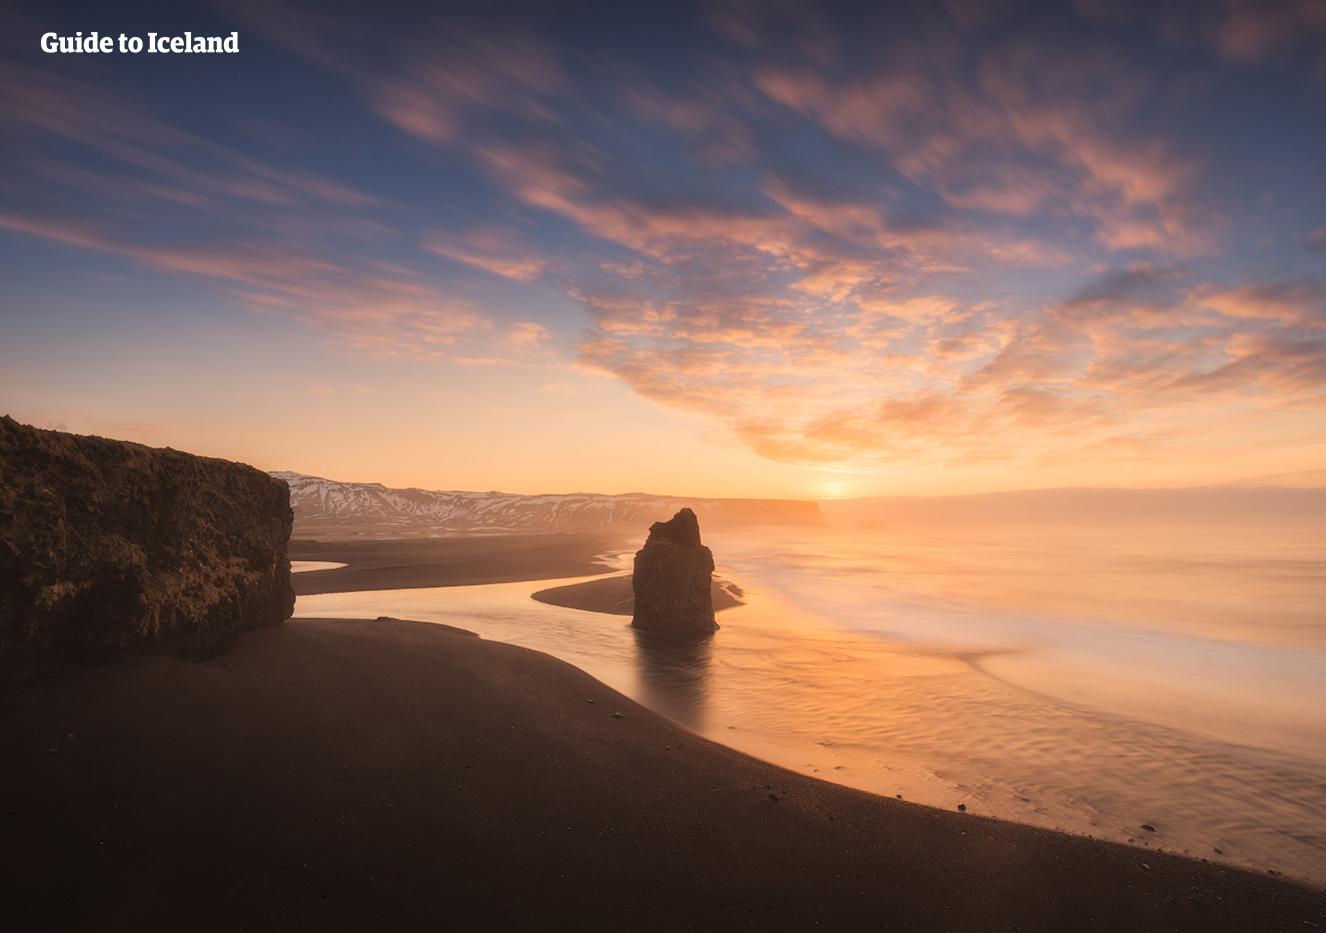 Malownicza 5-dniowa wycieczka samochodowa przez południowe wybrzeże Islandii, Landmannalaugar i interior - day 2